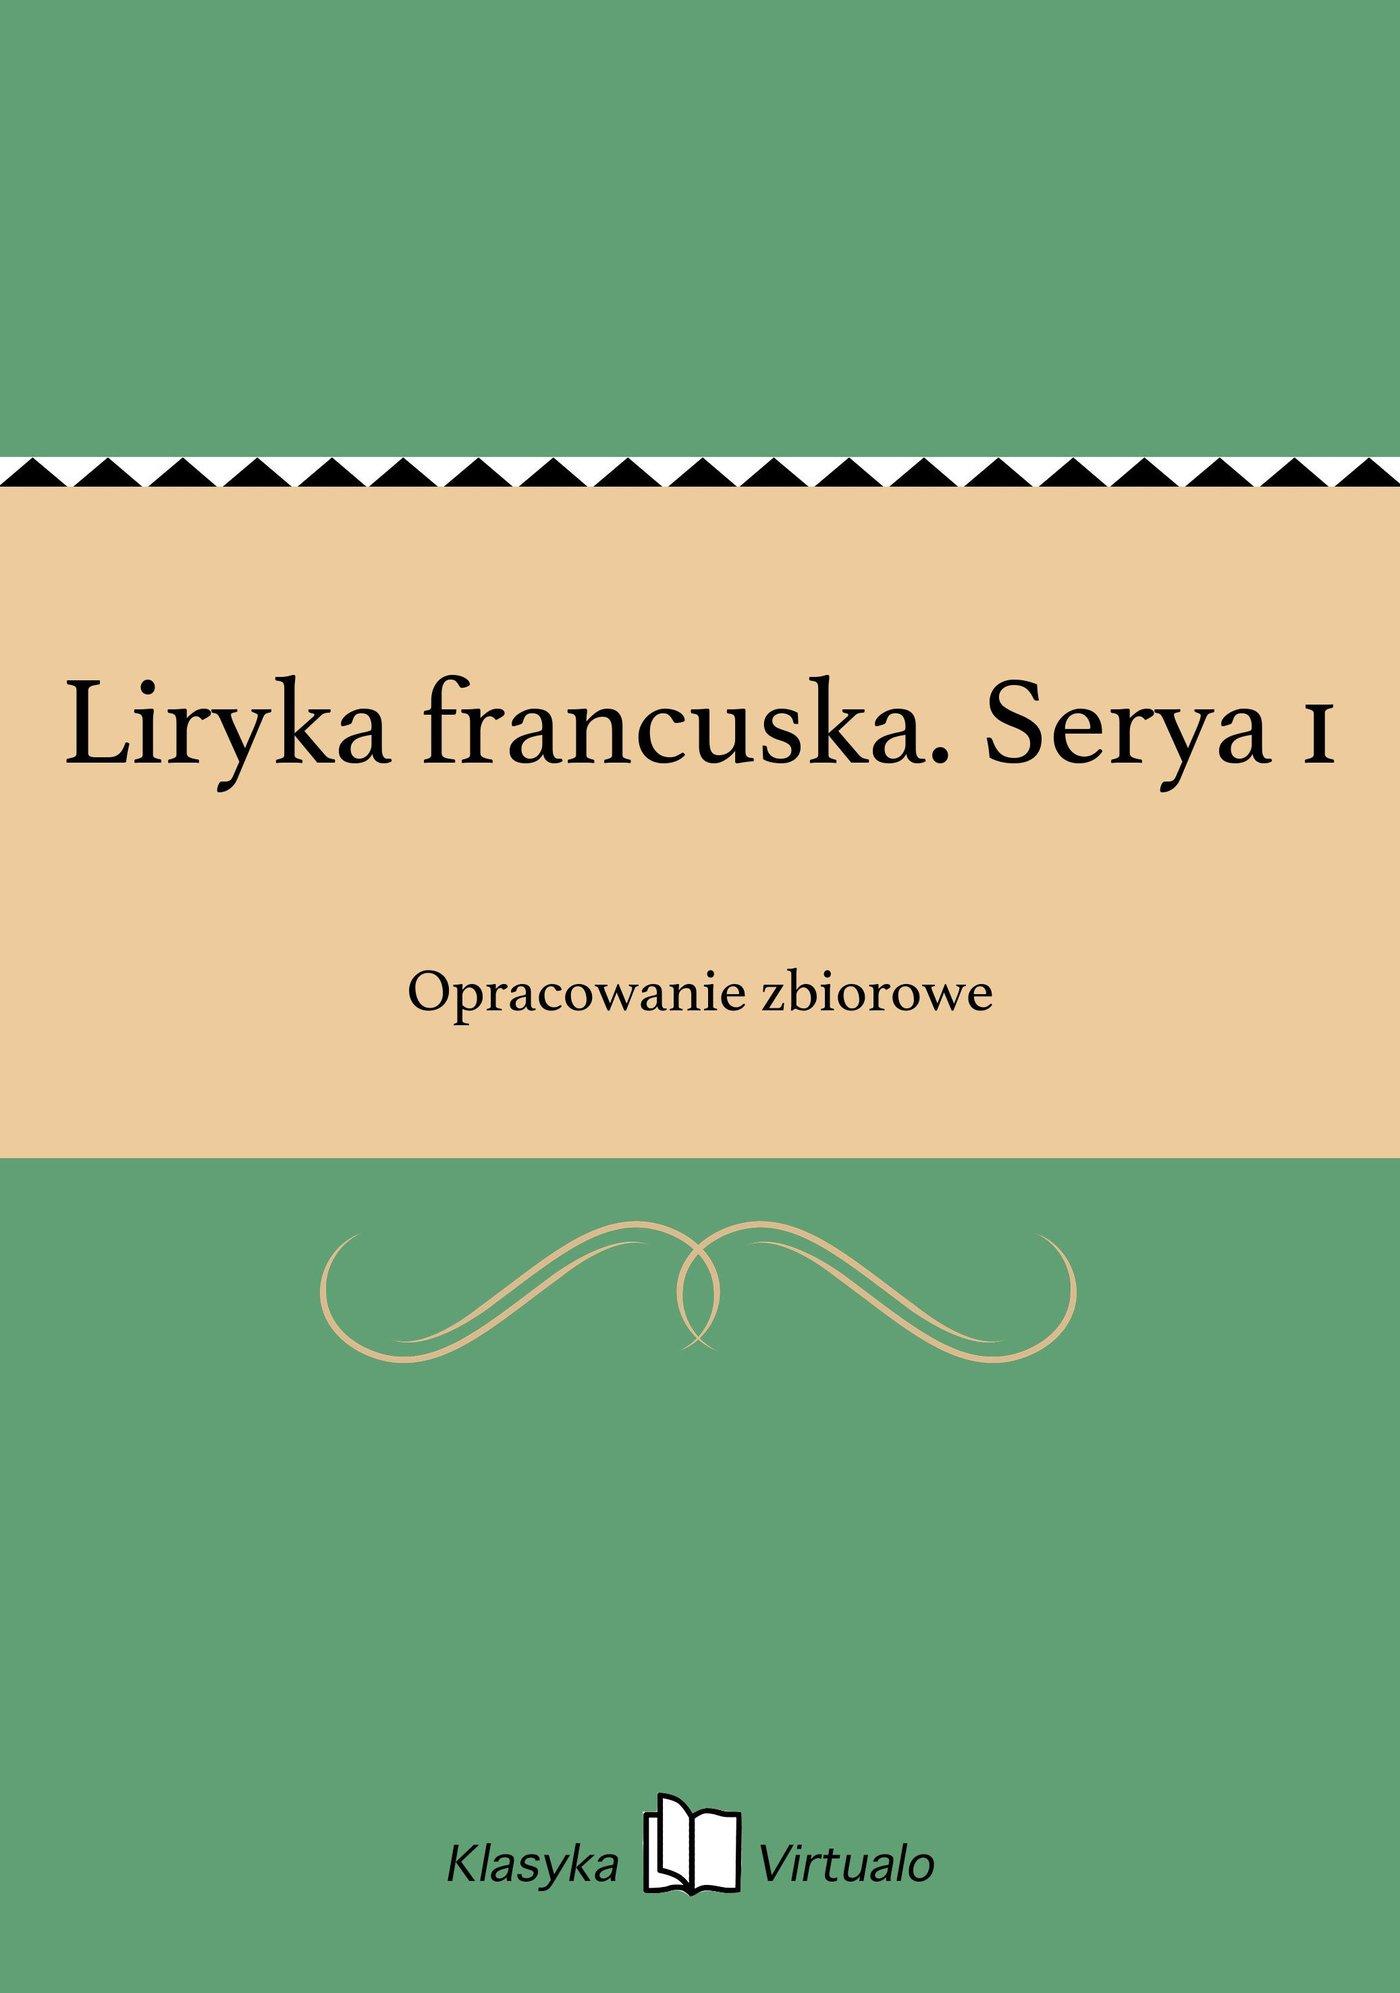 Liryka francuska. Serya 1 - Ebook (Książka EPUB) do pobrania w formacie EPUB